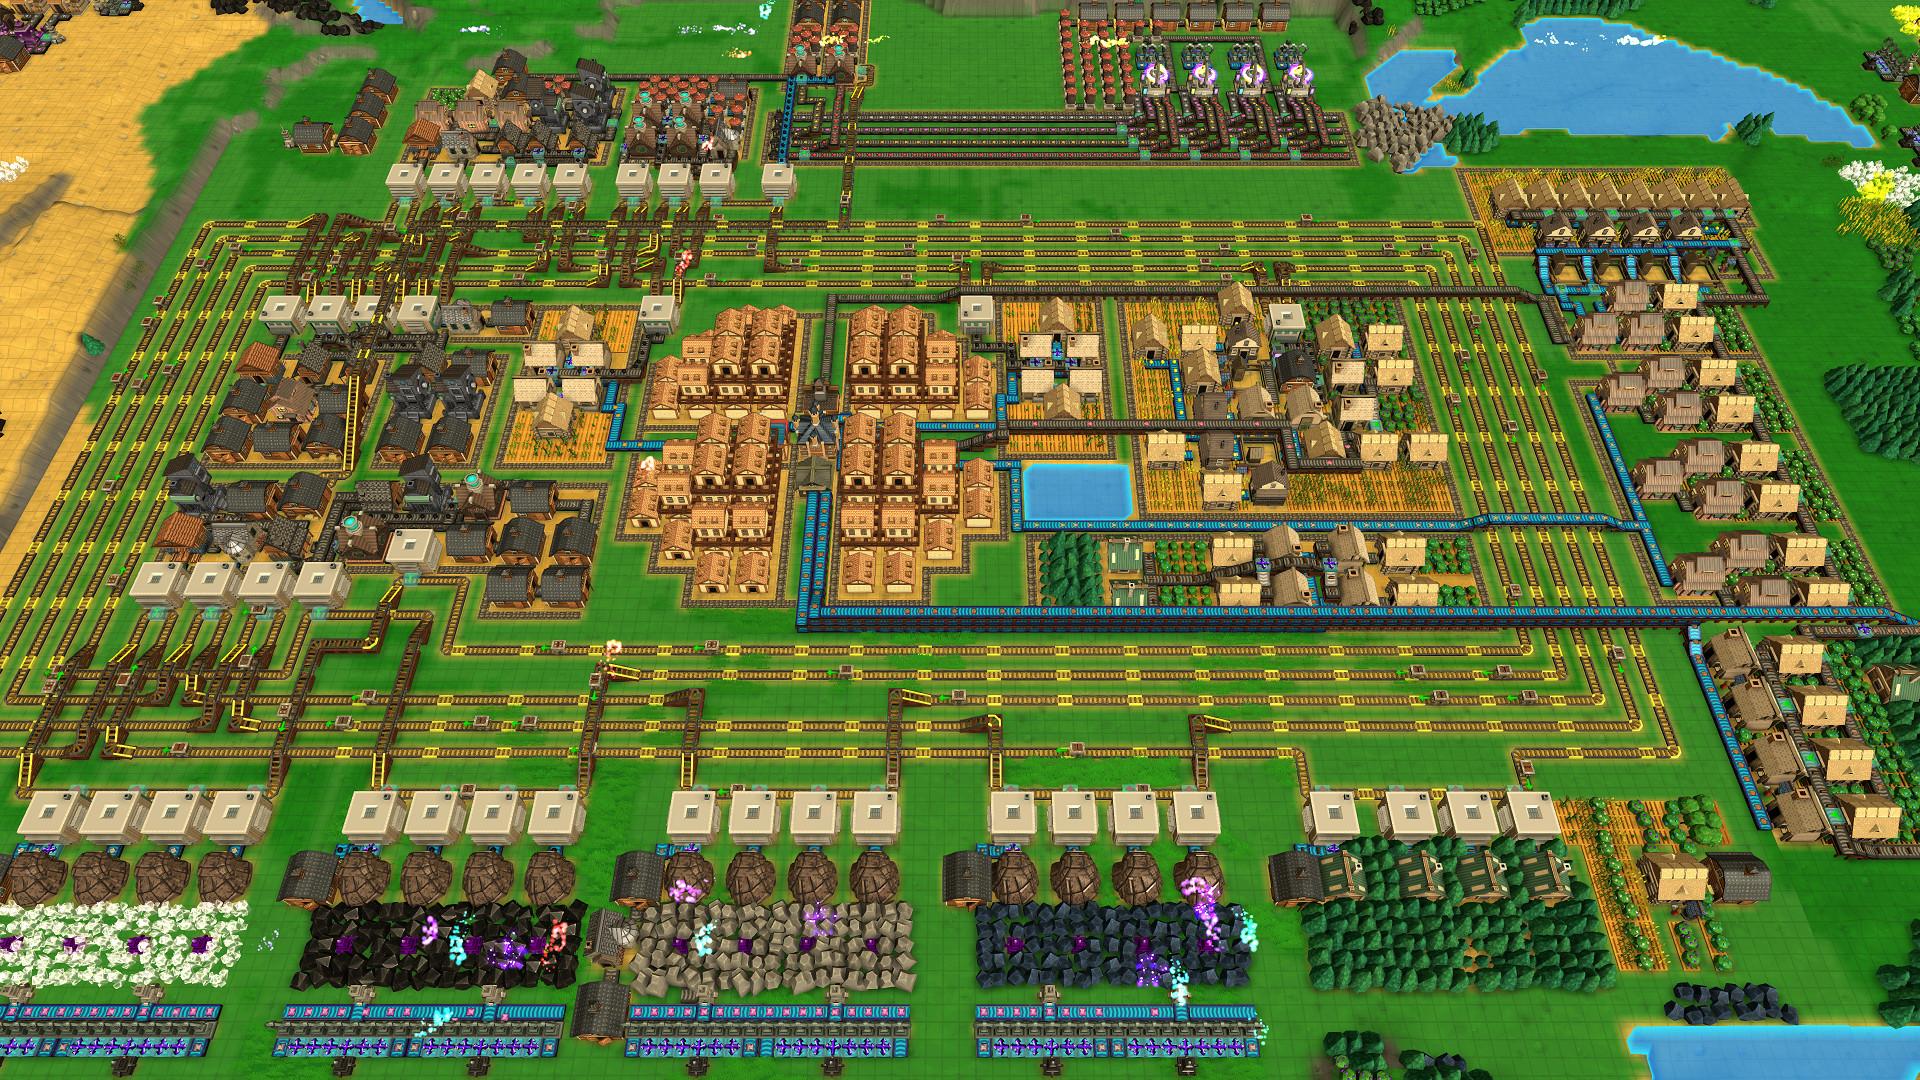 工业小镇 v0.166a 容量245GB 官方简体中文 支持键盘.鼠标-开心电玩屋